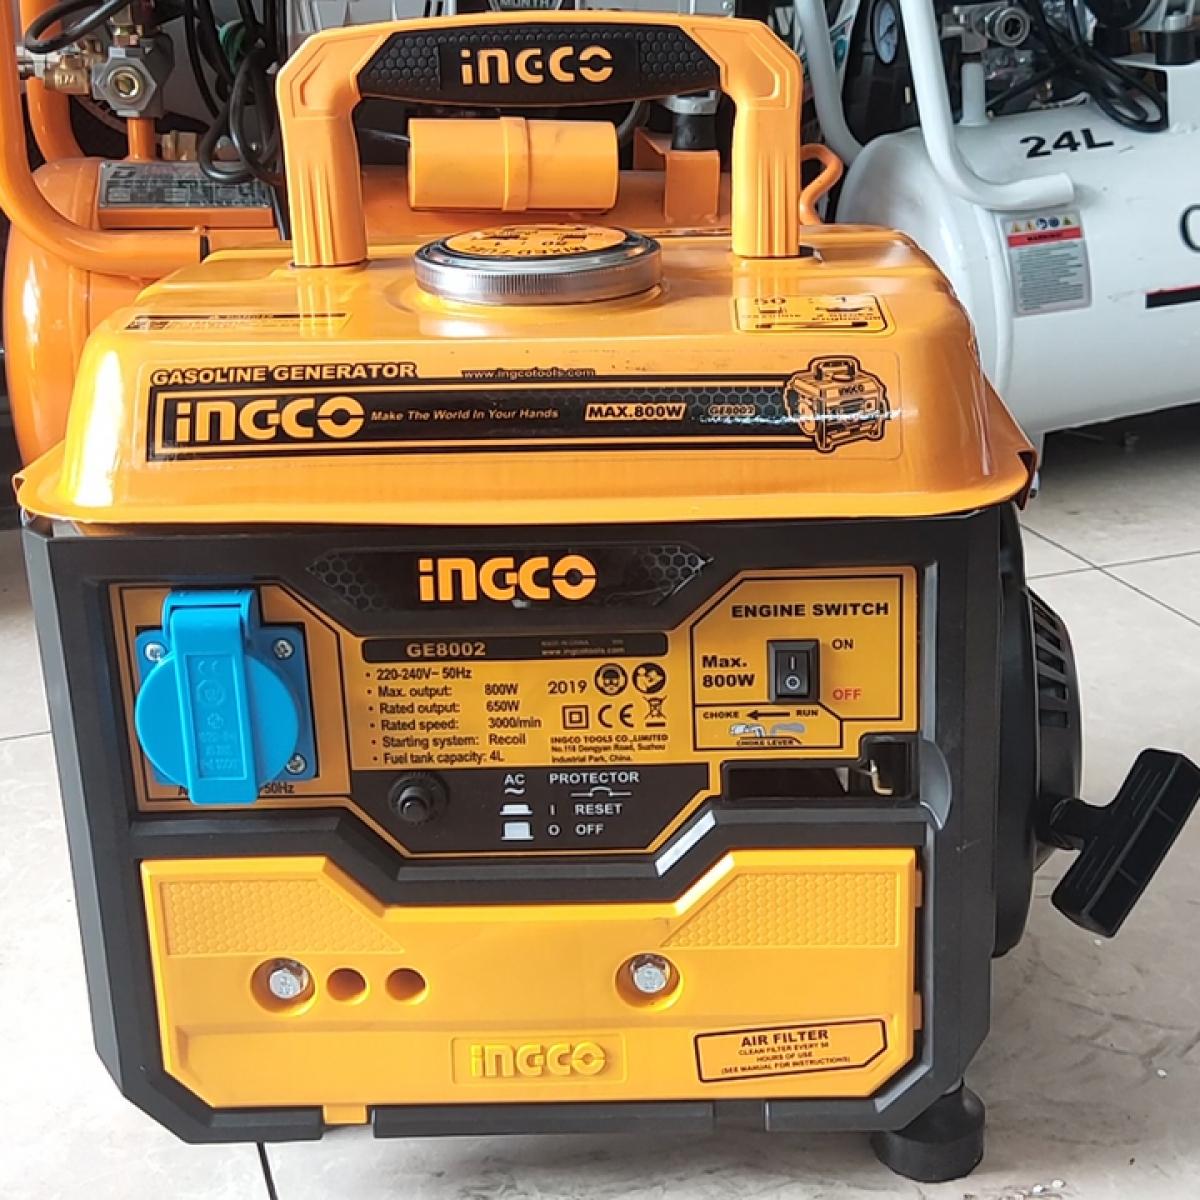 Máy phát điện Ingco GE8002 | Quản lý chi phí xây dựng, Quản lý thi công xây dựng, Quản lý dự án xây dựng